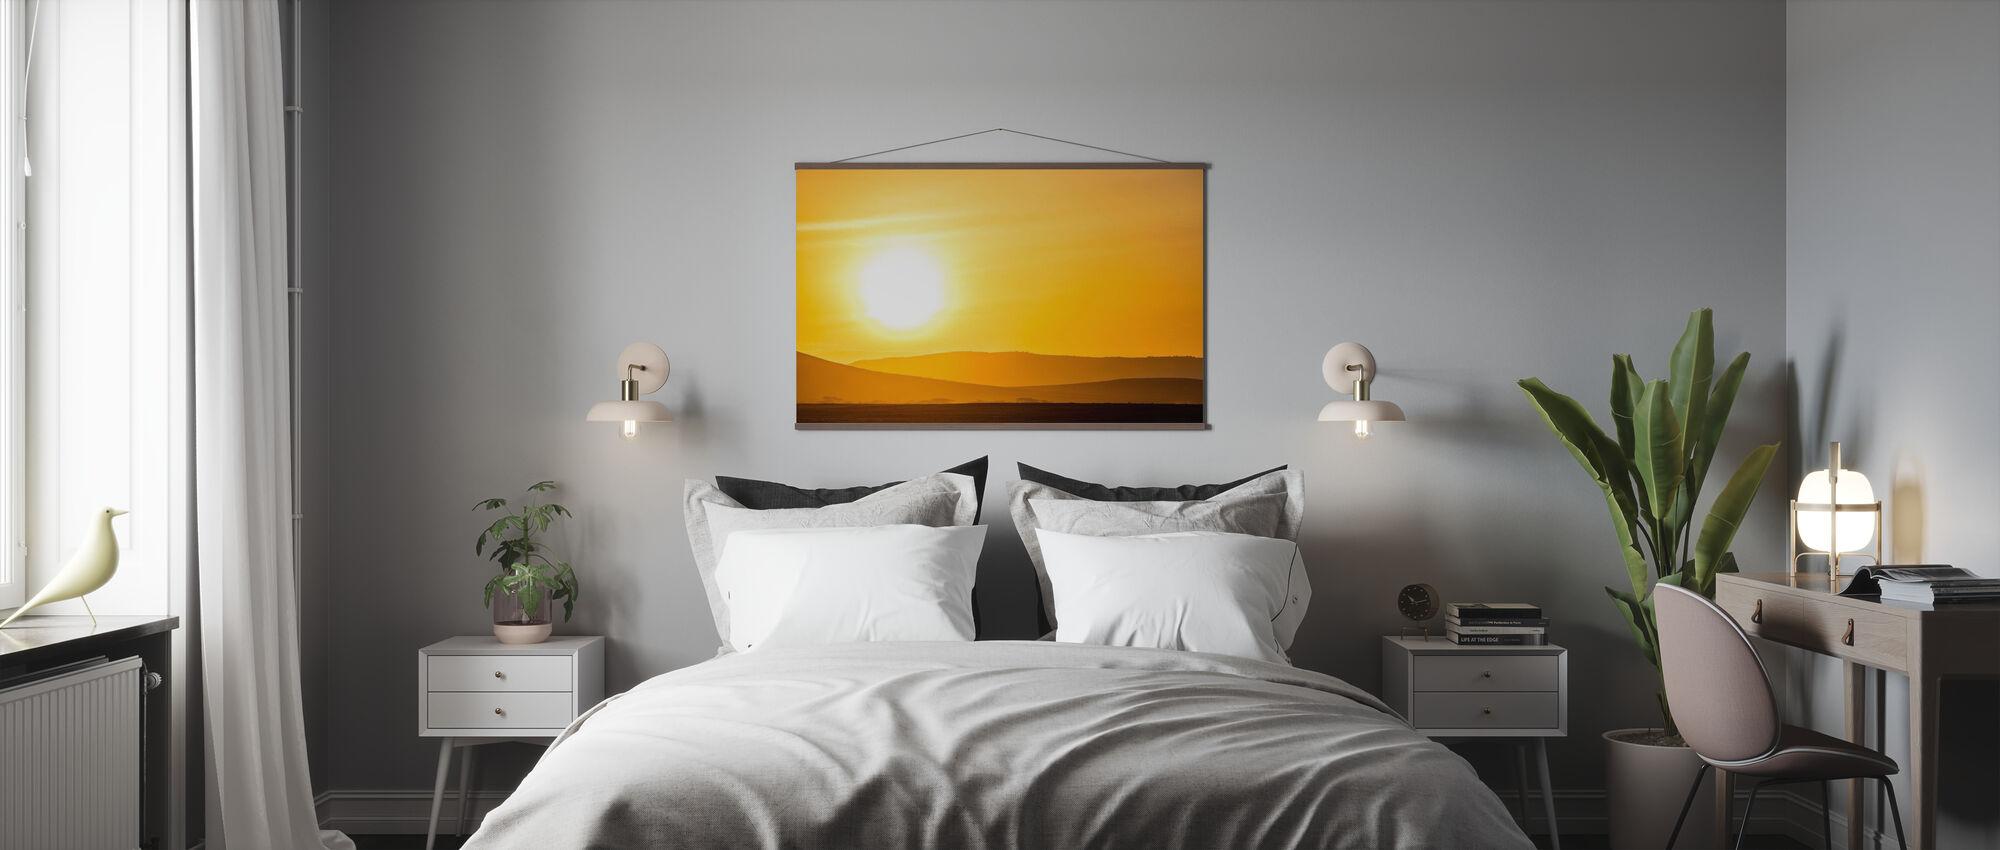 Glow - Poster - Bedroom